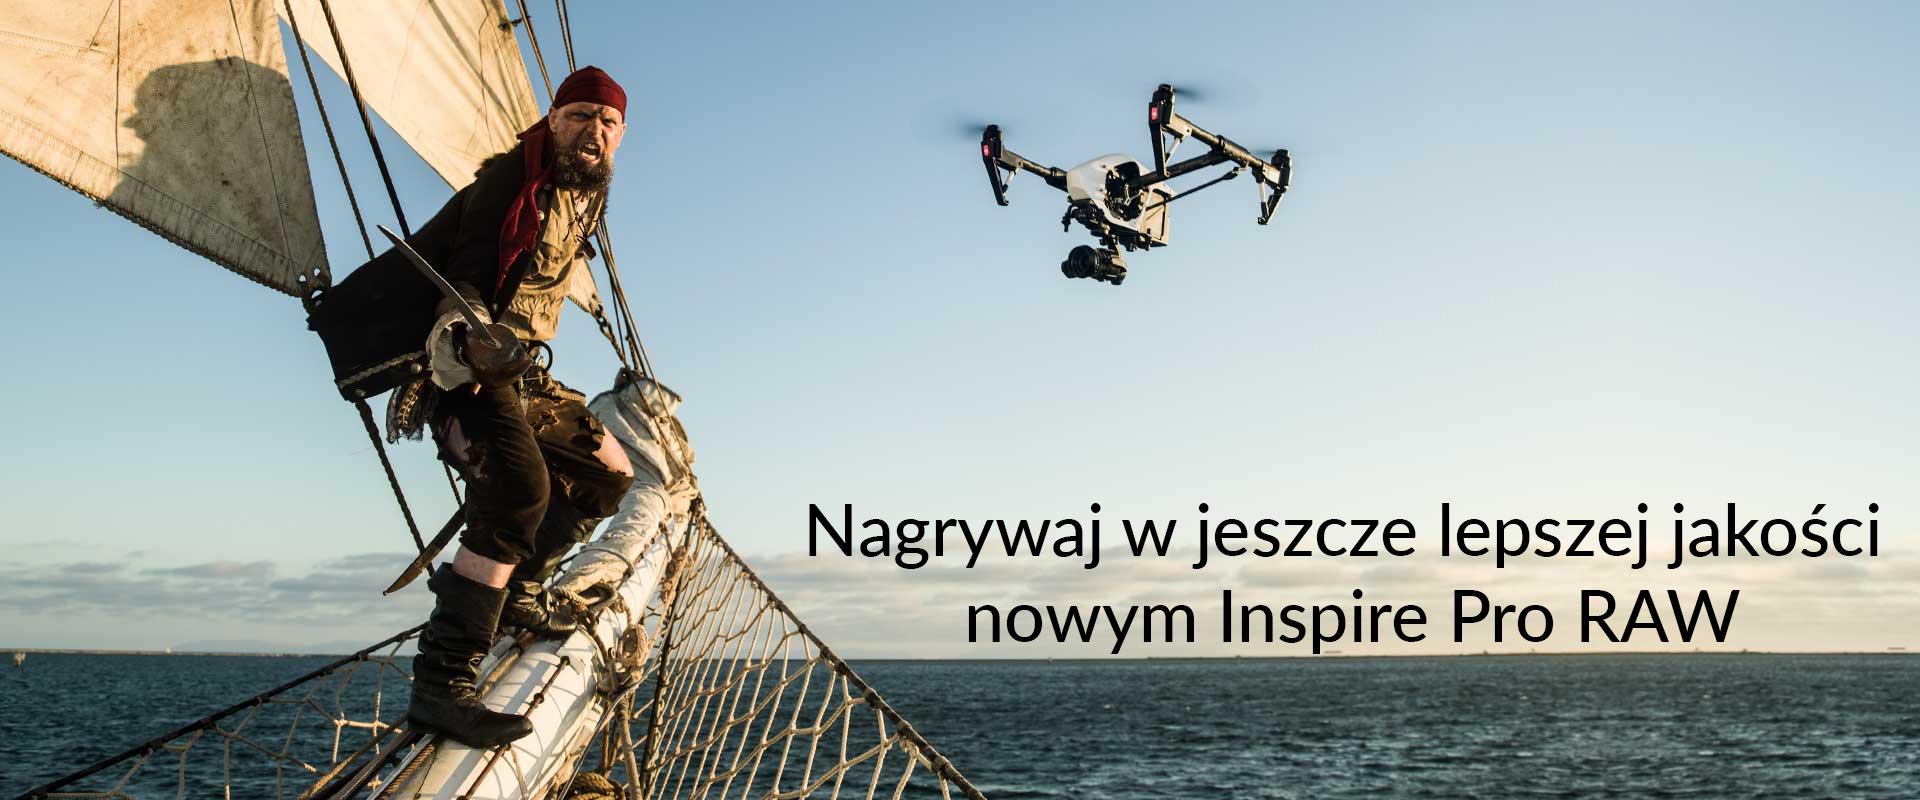 drony dji inspire pro raw